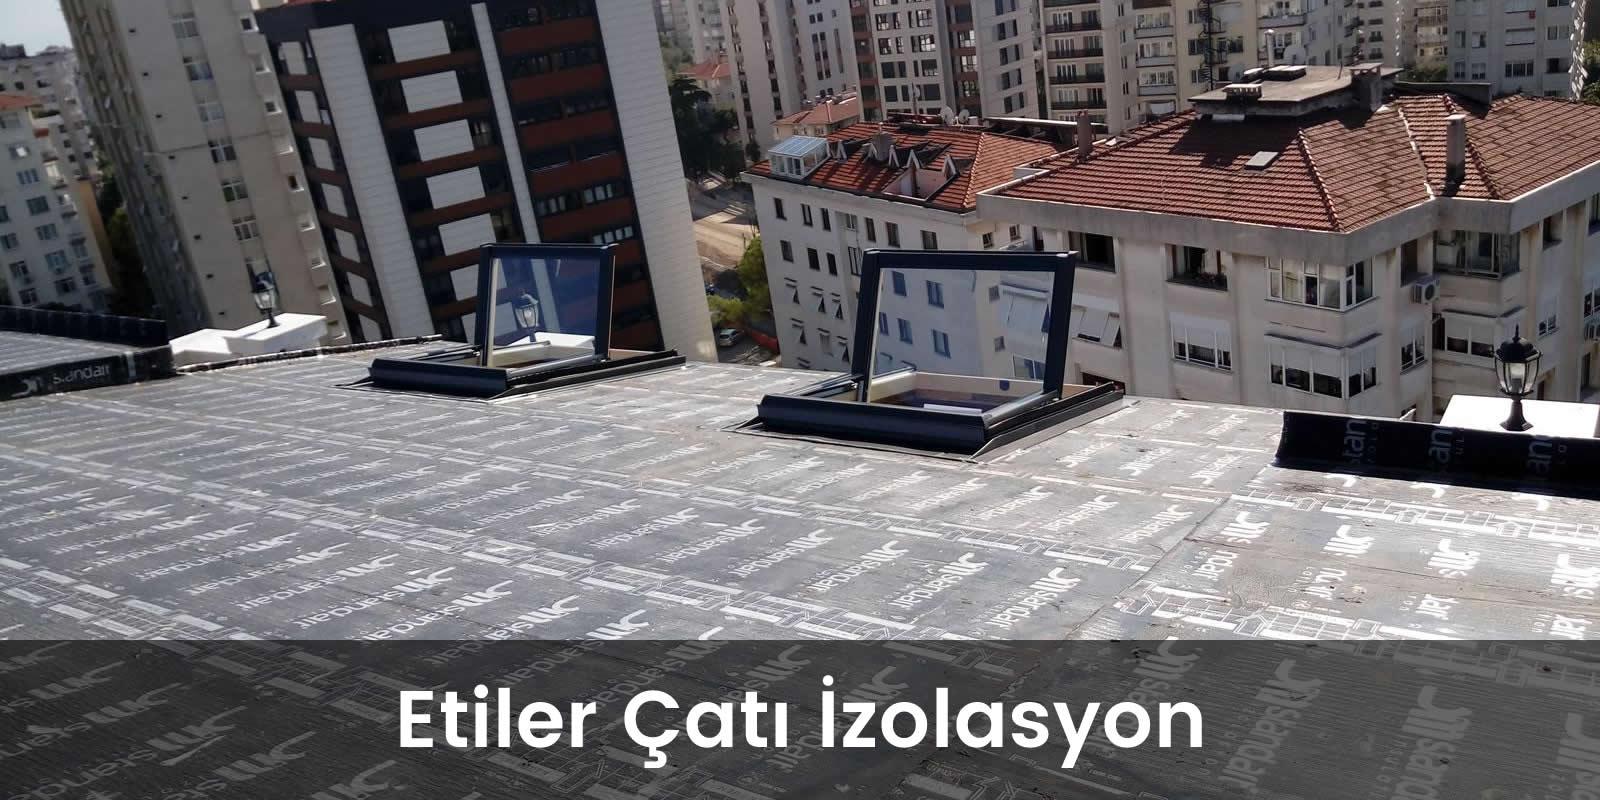 etiler çatı izolasyon